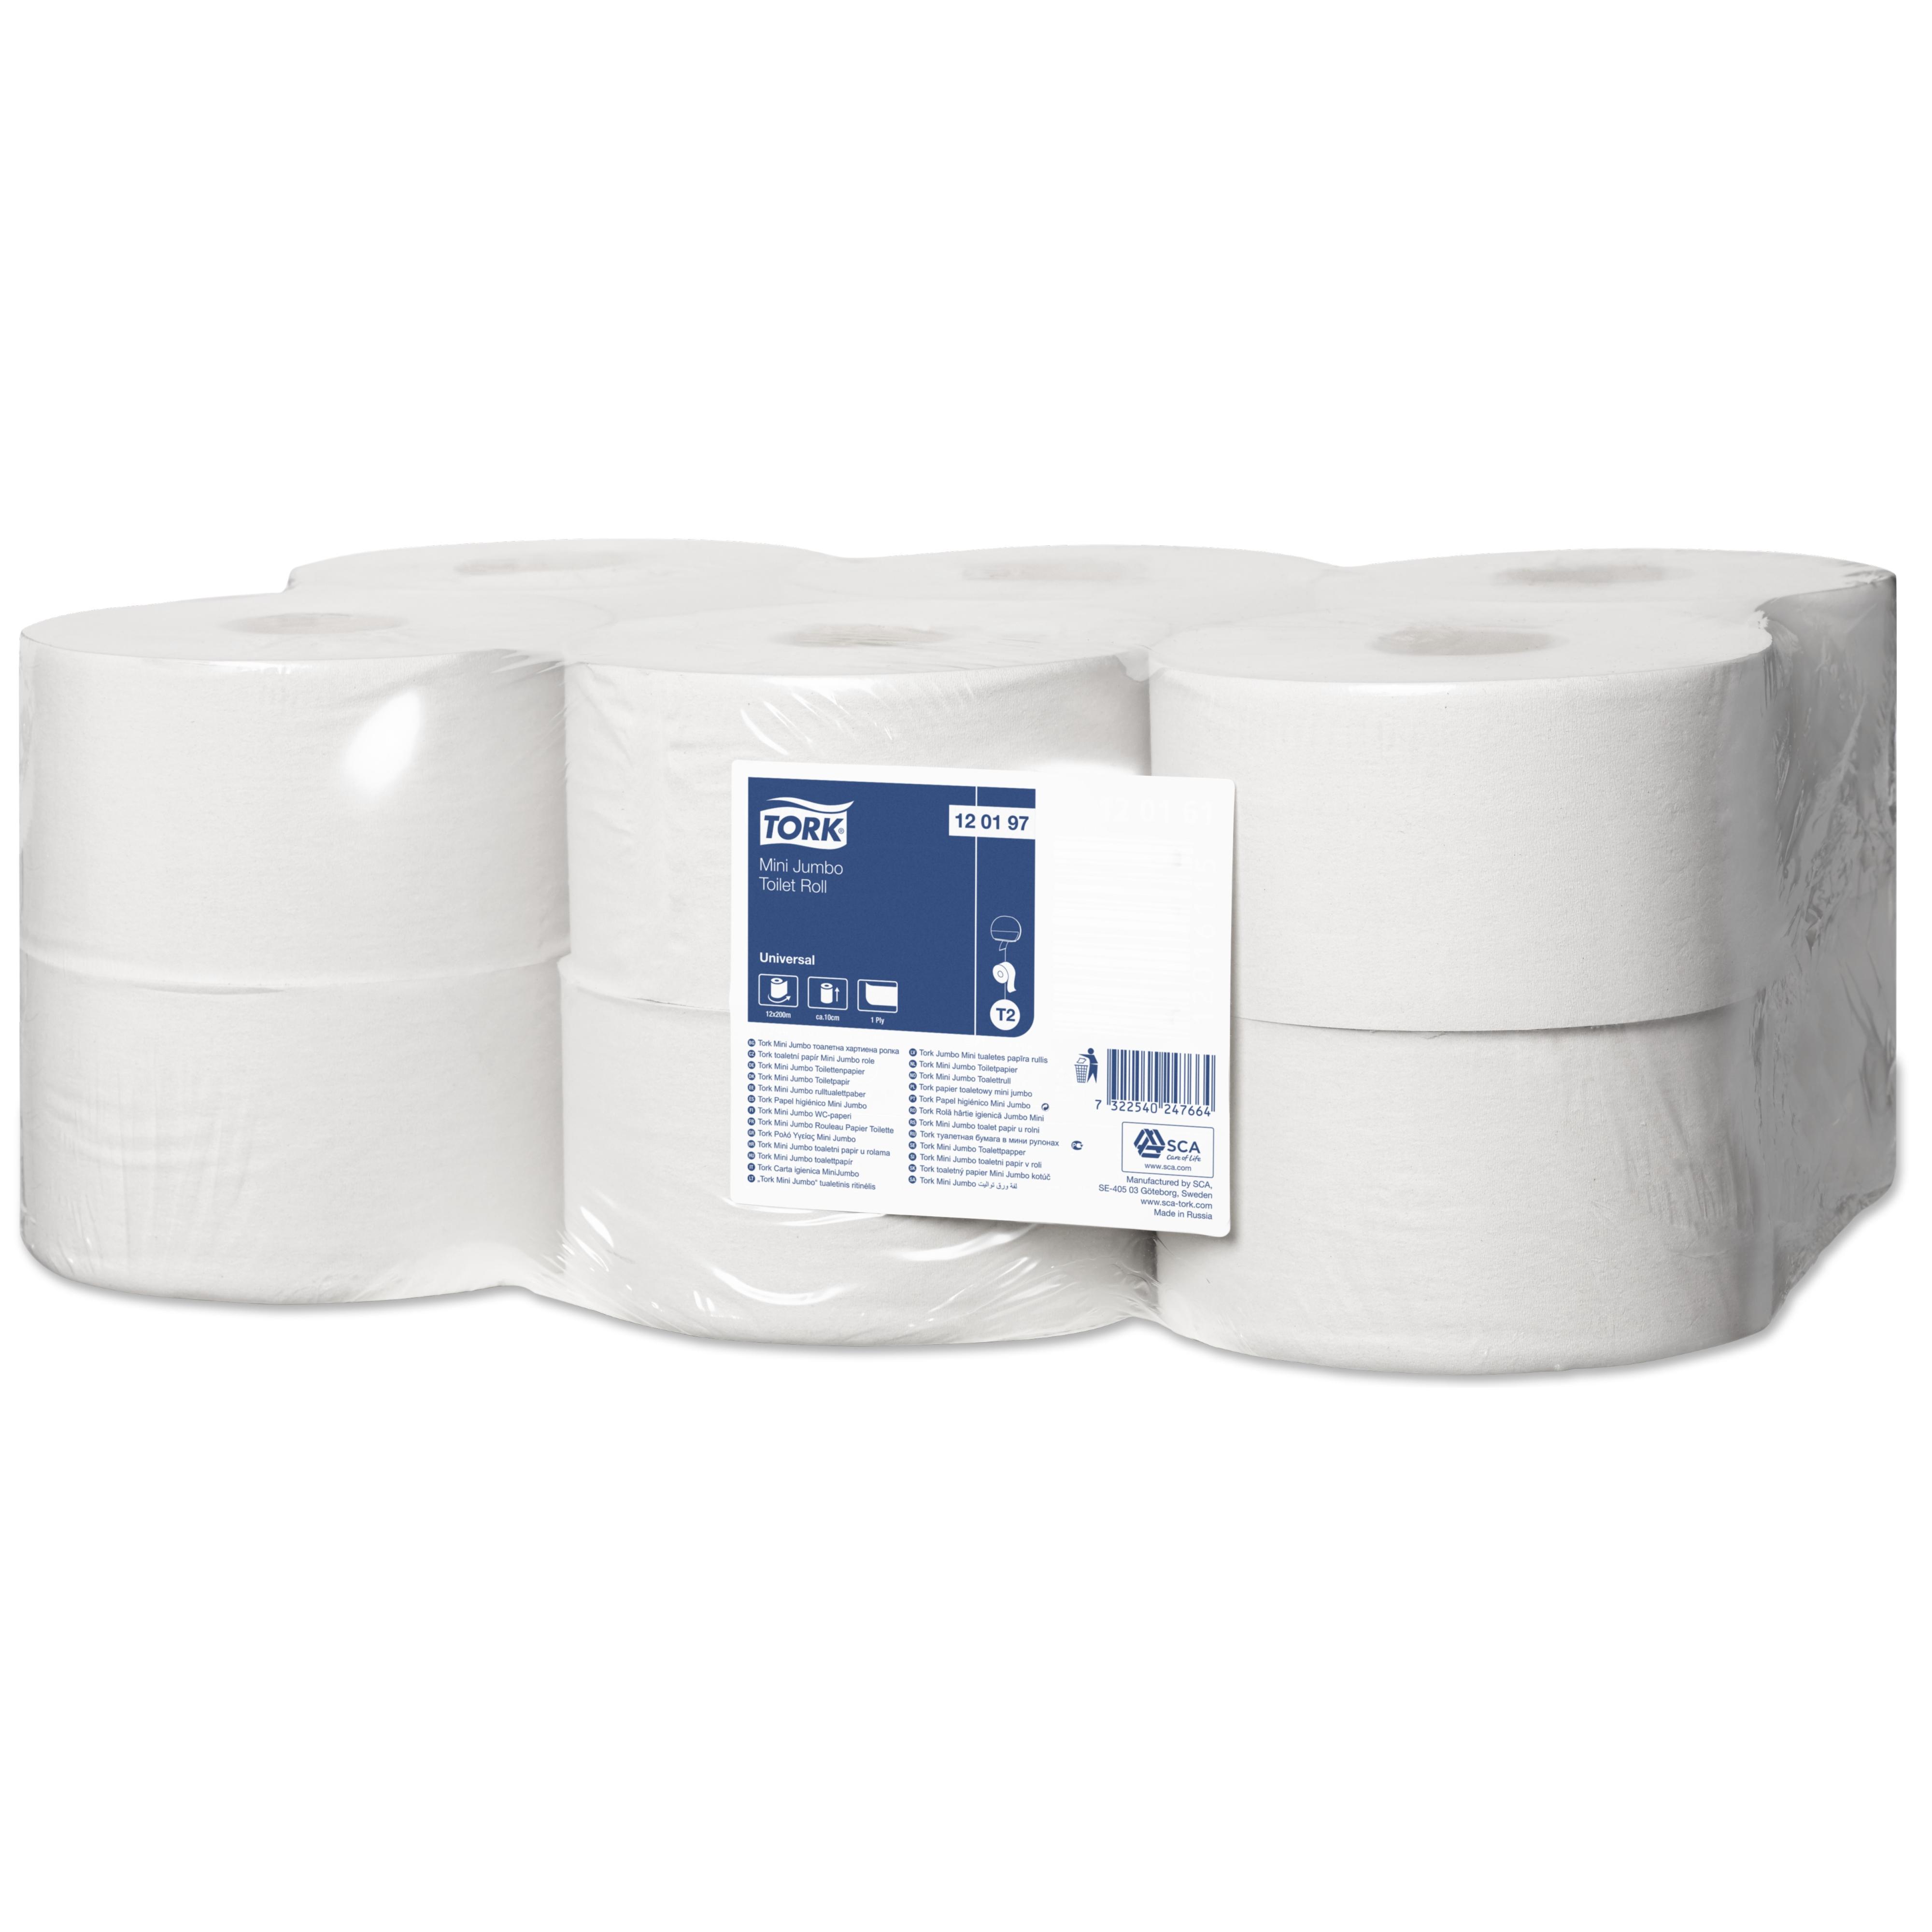 Бумага туалетная Tork Universal Т2 в мини-рулоне, 200м/рул, 1-сл, белая, 12рул/уп, 120197